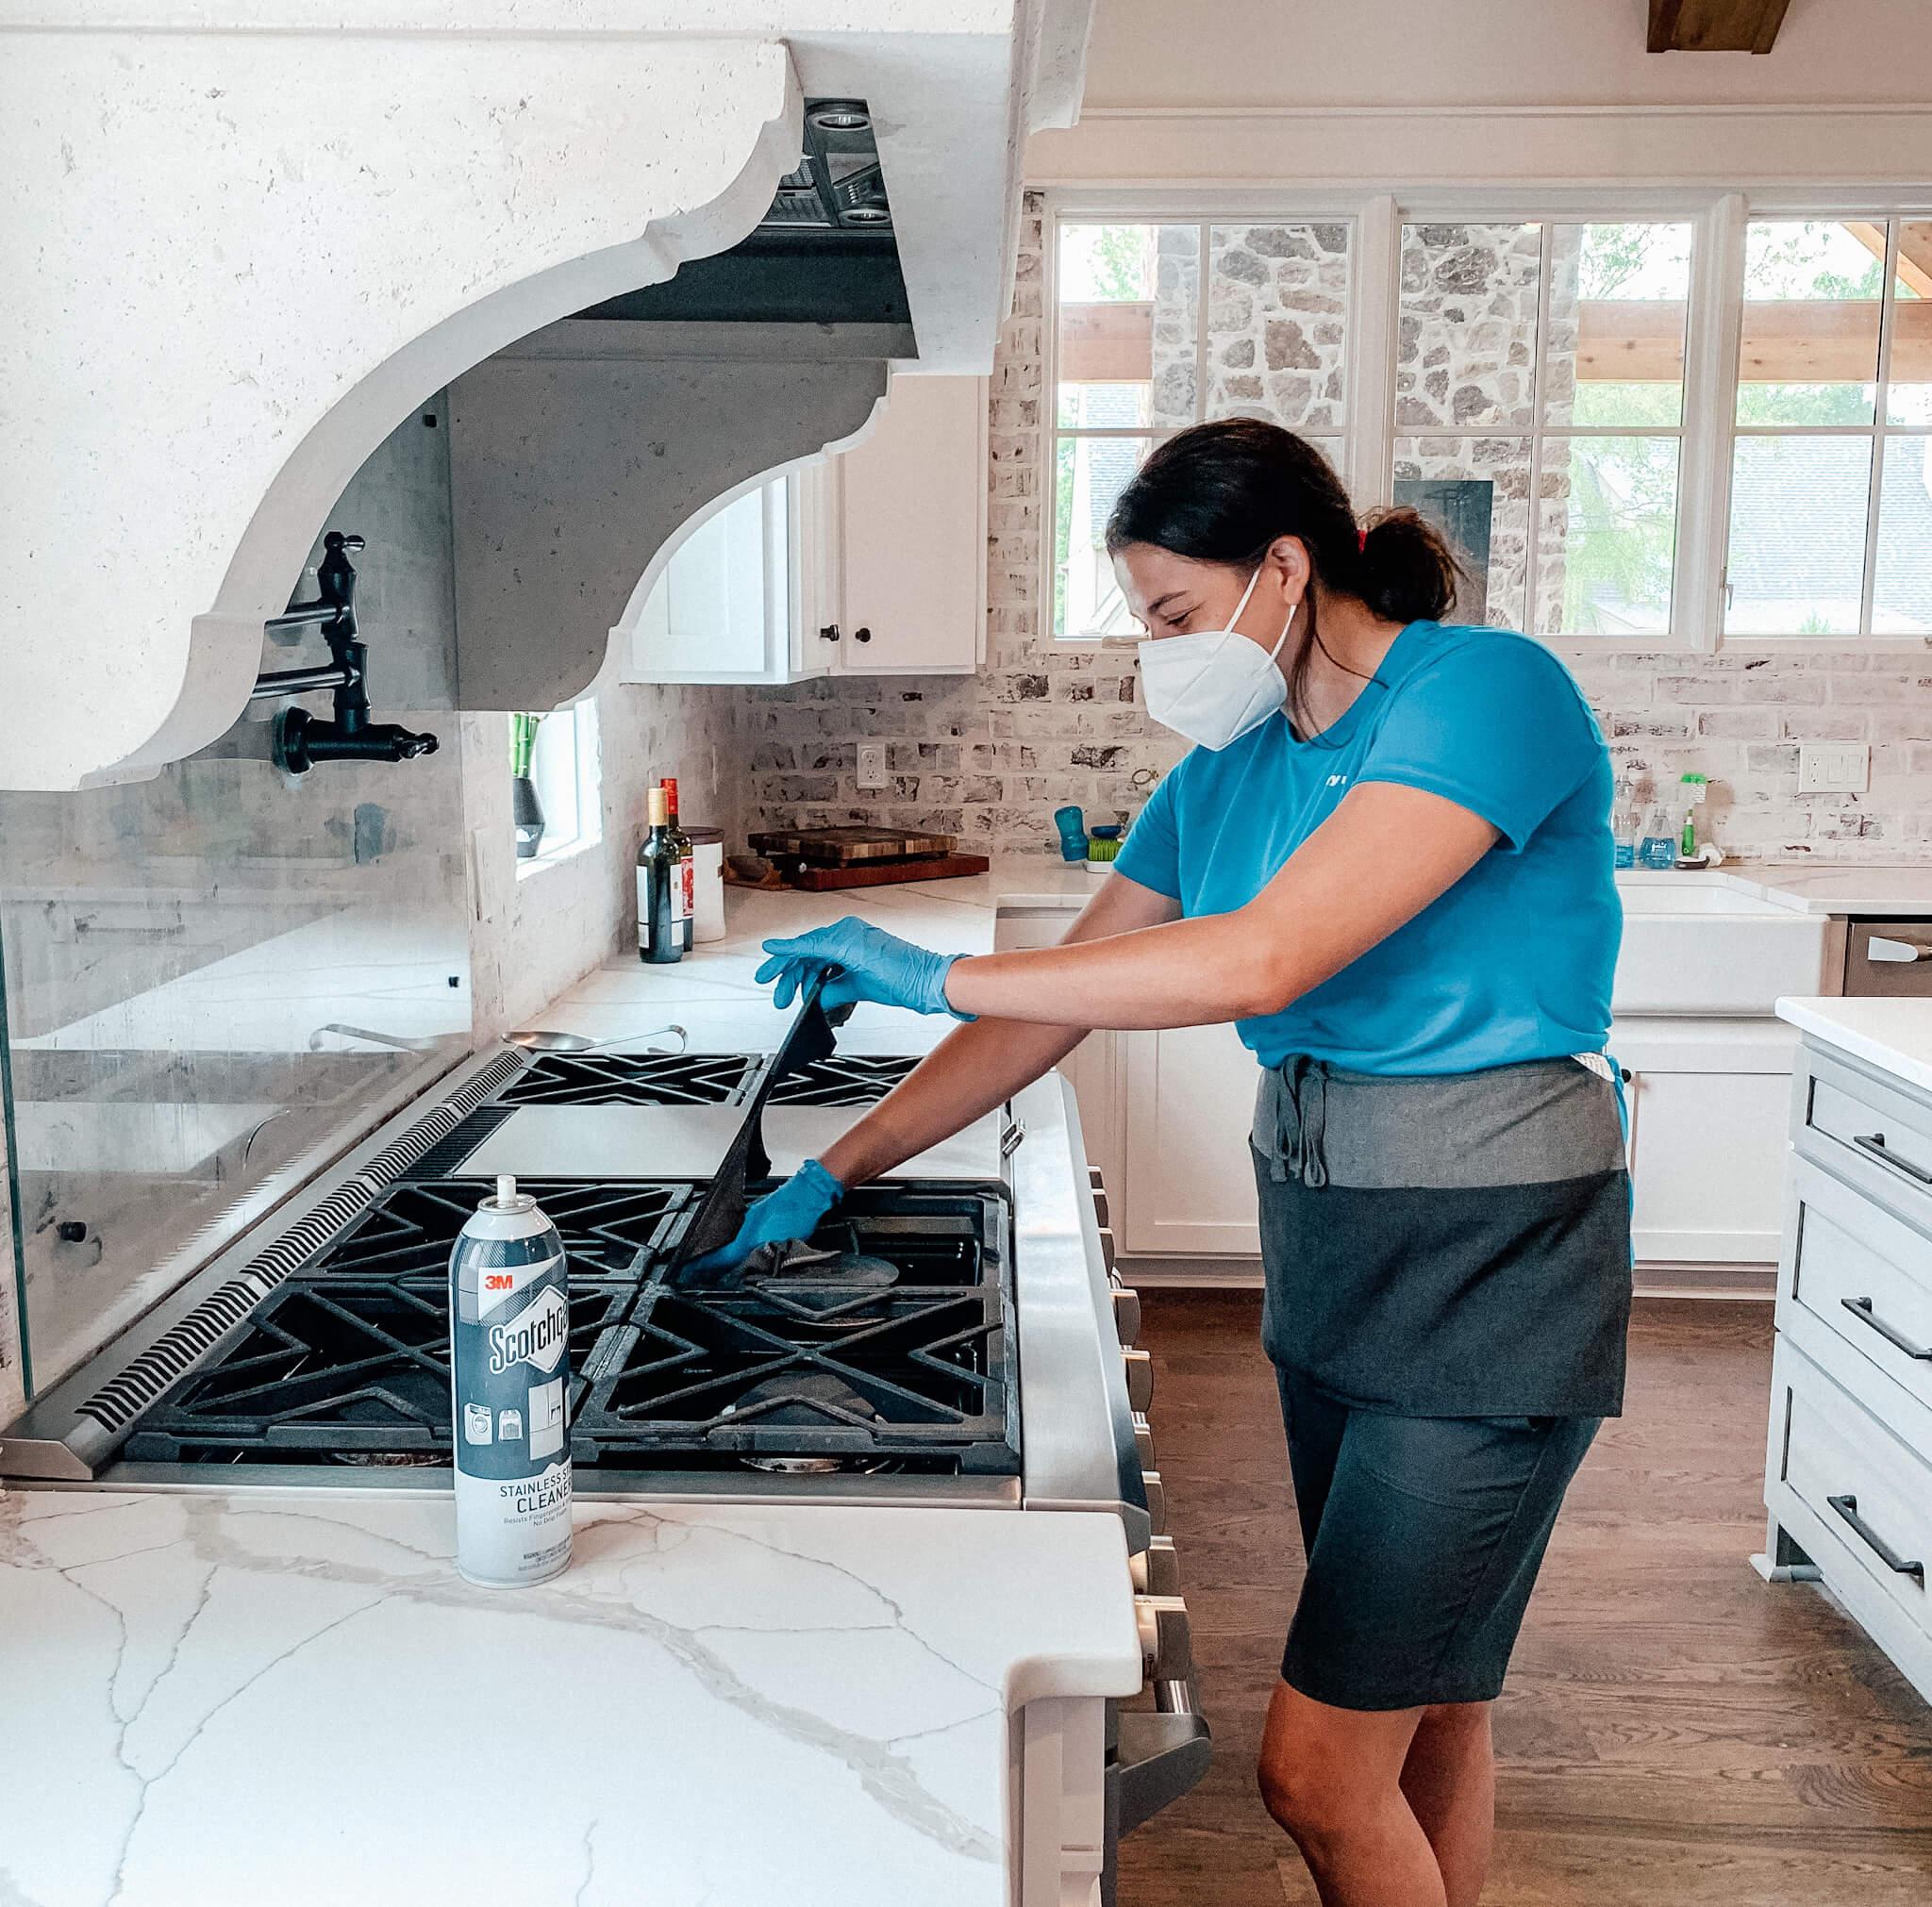 San Antonio housekeeper cleaning stovetop